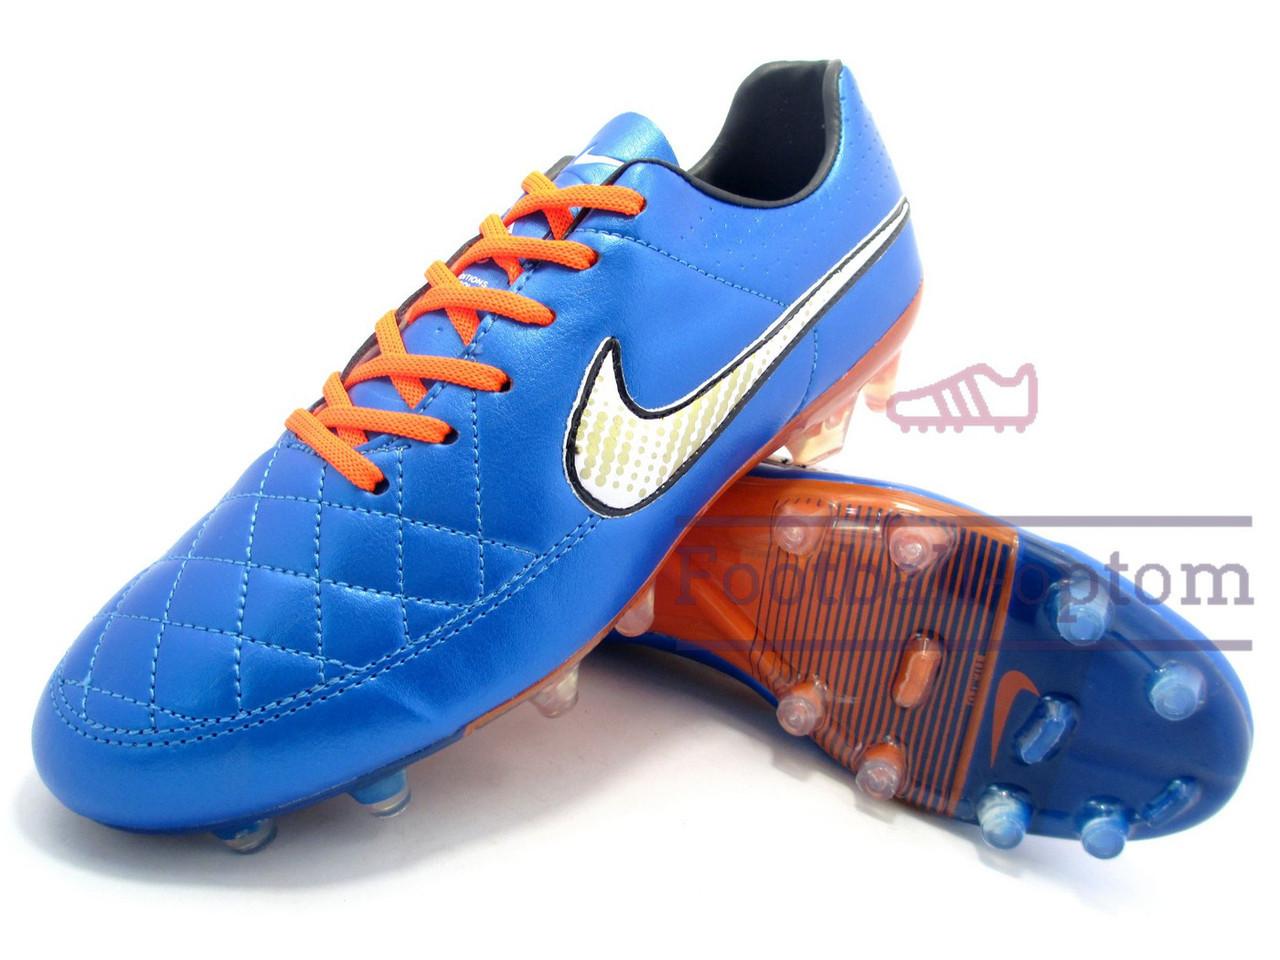 Футбольные бутсы (копы) найк, Nike Tiempo , цена 39  , купить в ... 022f02a82d4